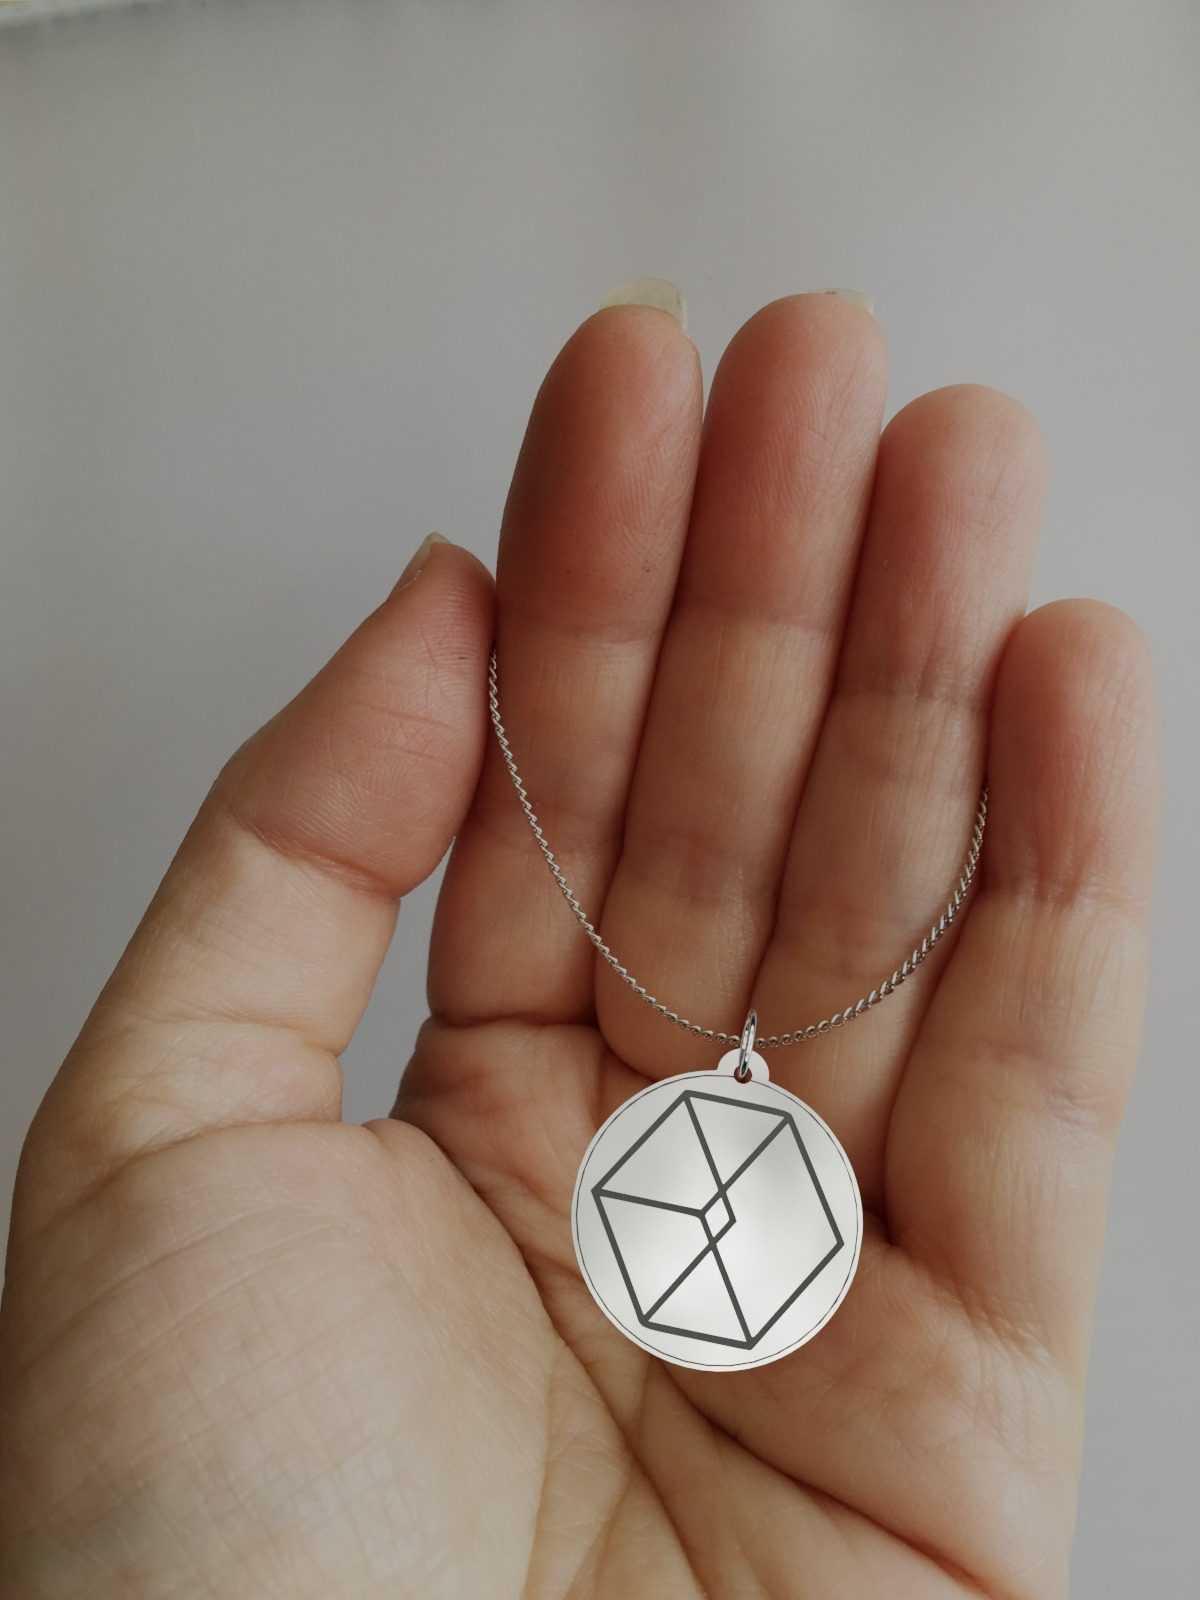 Engraved EXO Logo Impressive Charm Necklace